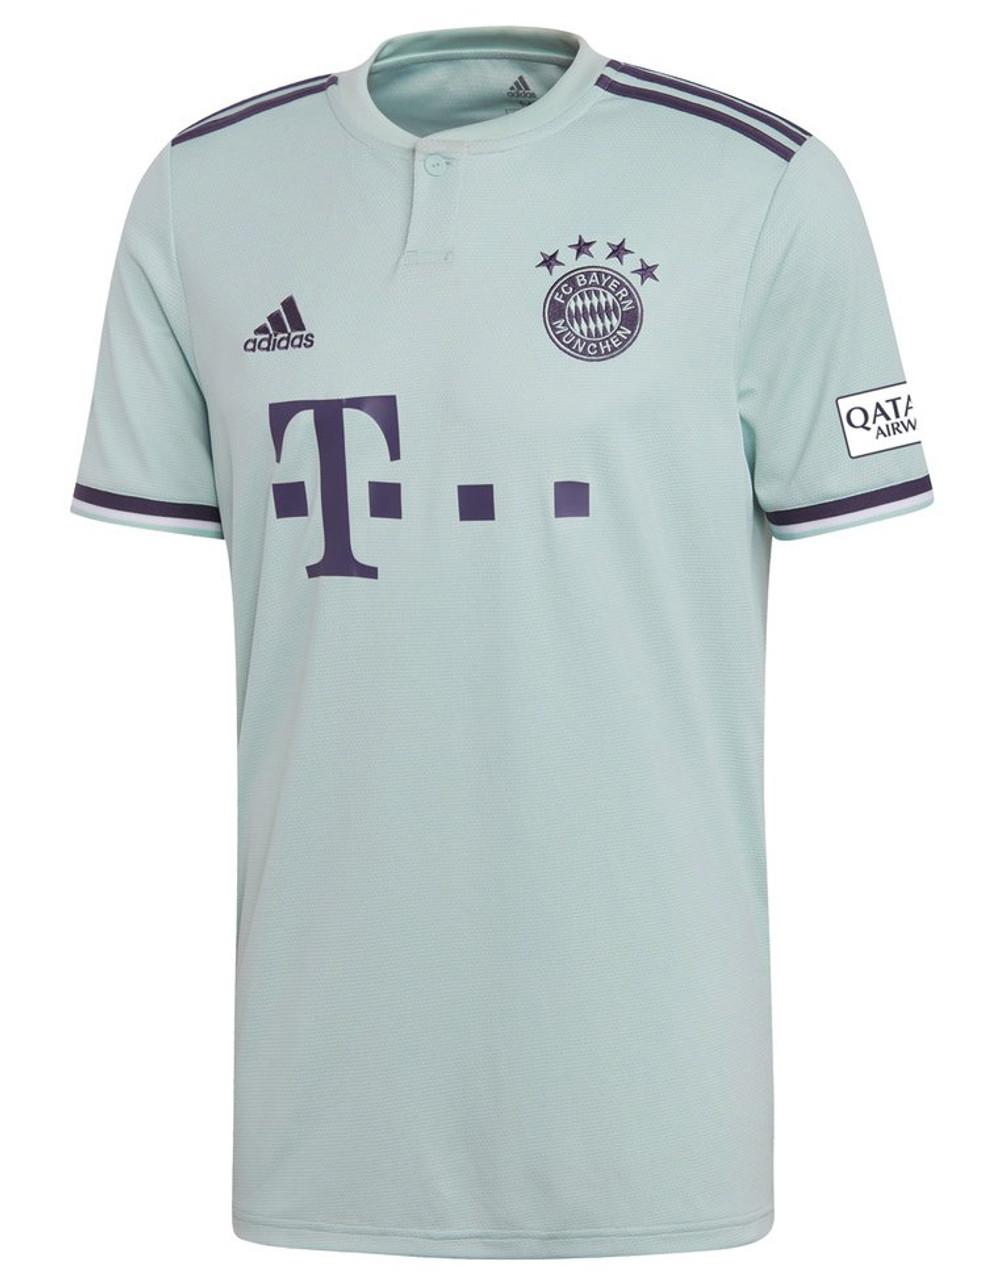 e5c5cf3787b3 Adidas FC Bayern Munchen 18/19 Away Jersey - Green/Blue (031919) - ohp  soccer